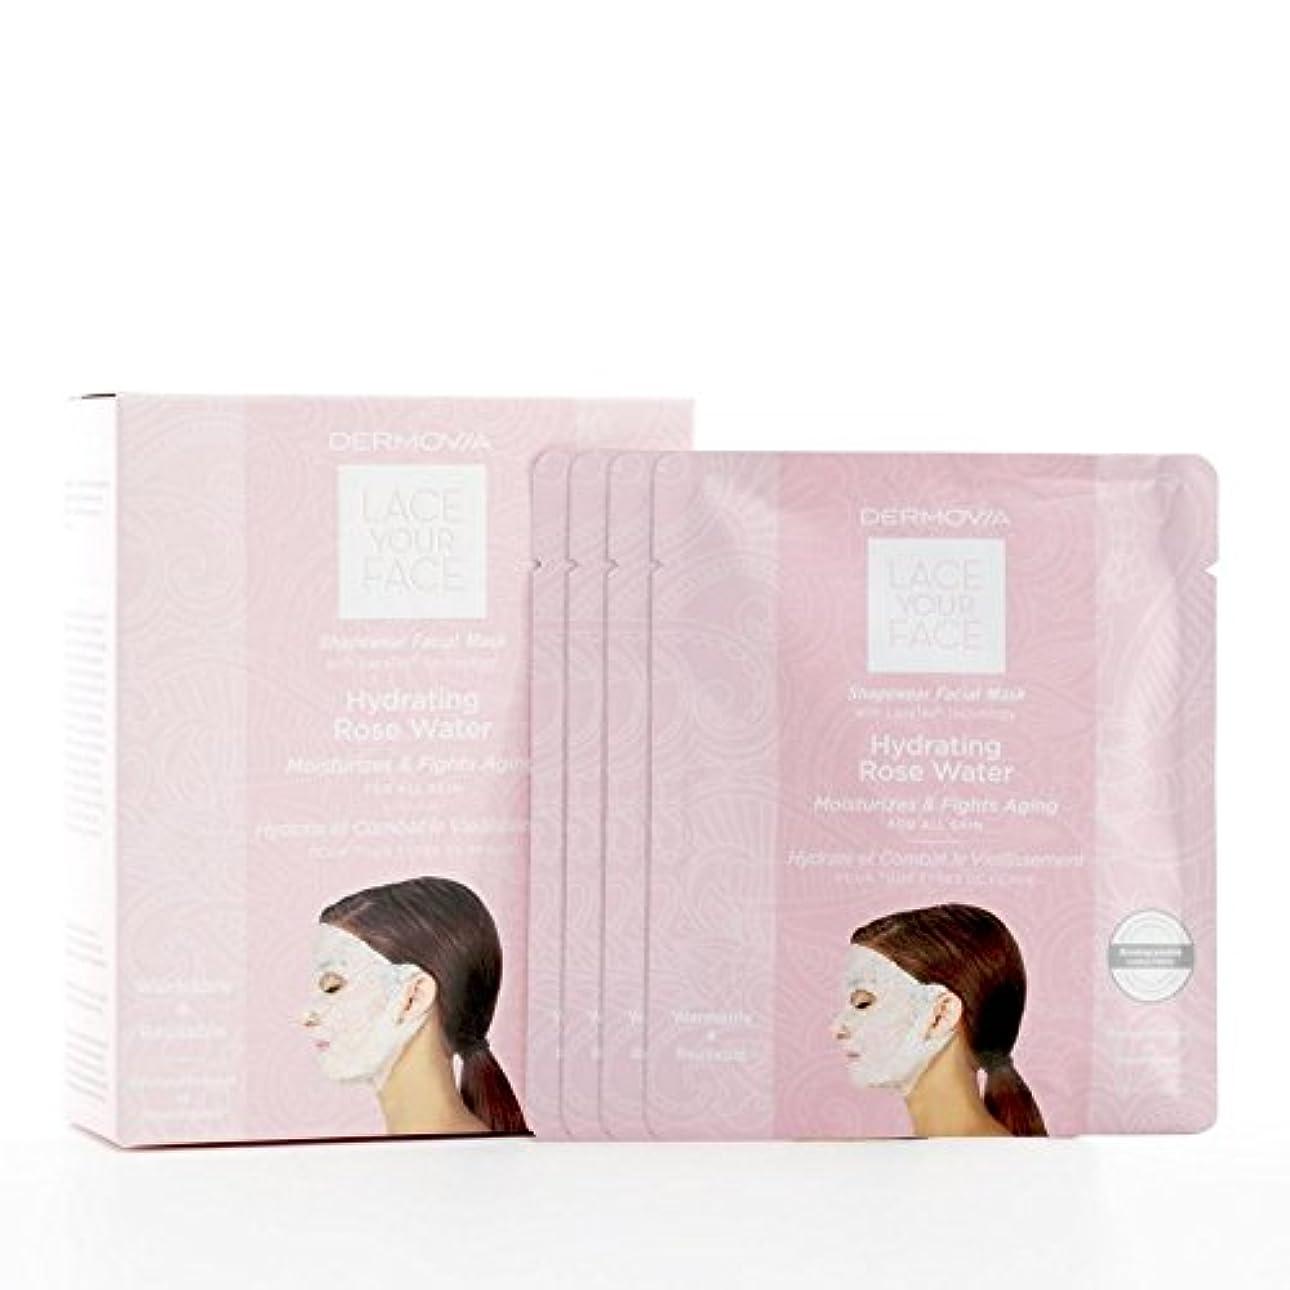 約設定グラフィック決しては、あなたの顔の圧縮フェイシャルマスク水和が水をバラレース x2 - Dermovia Lace Your Face Compression Facial Mask Hydrating Rose Water (Pack...